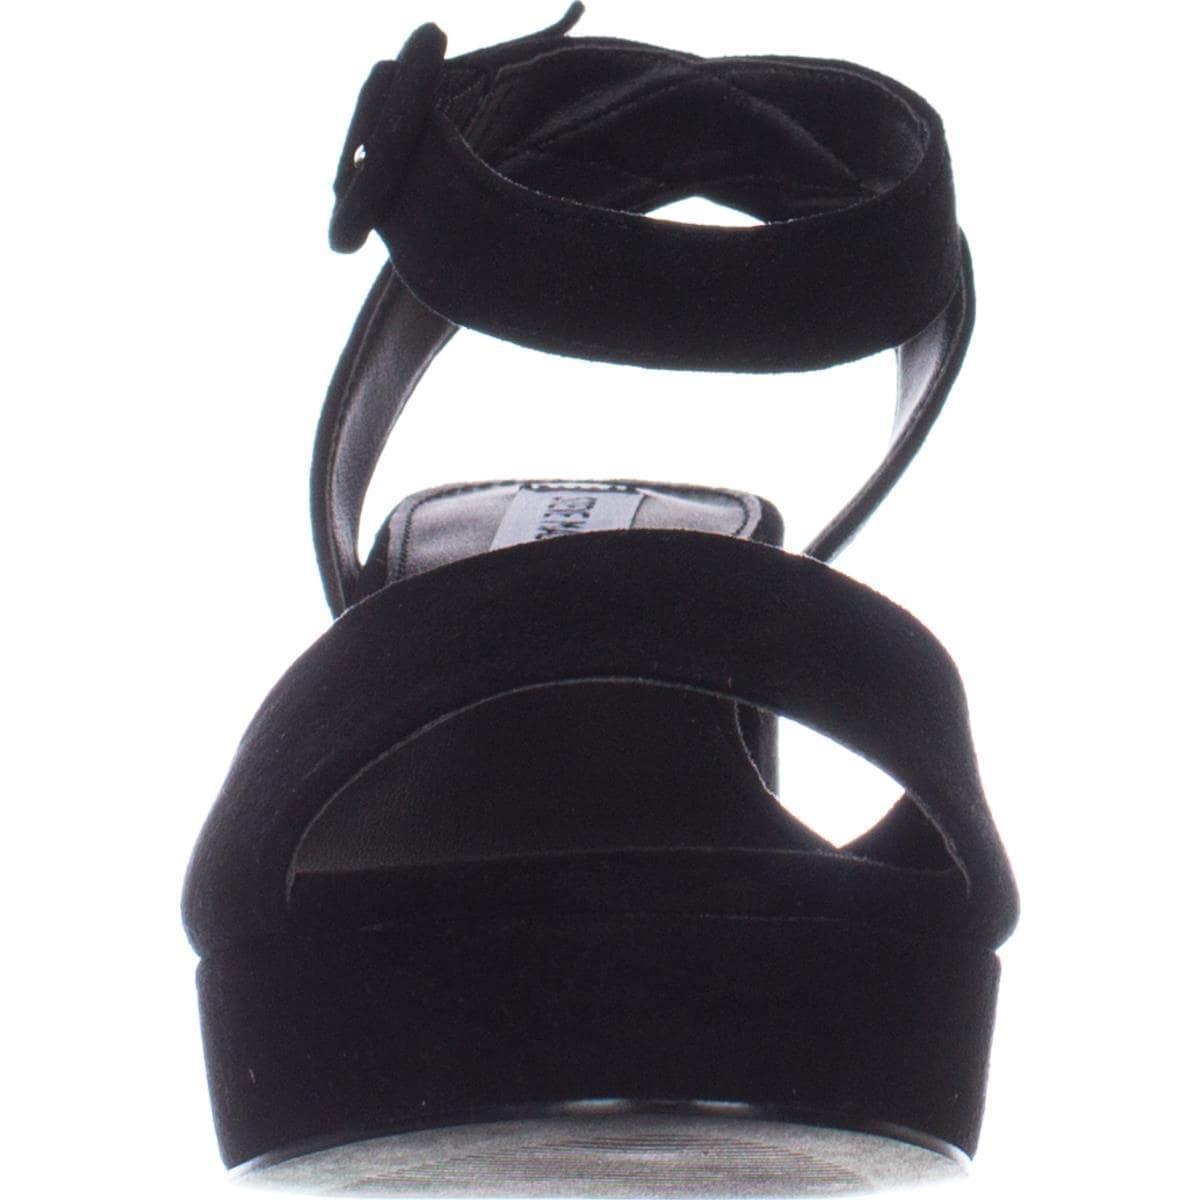 05138034ef7 Shop Steve Madden Tickle Two-Piece Platform Sandals